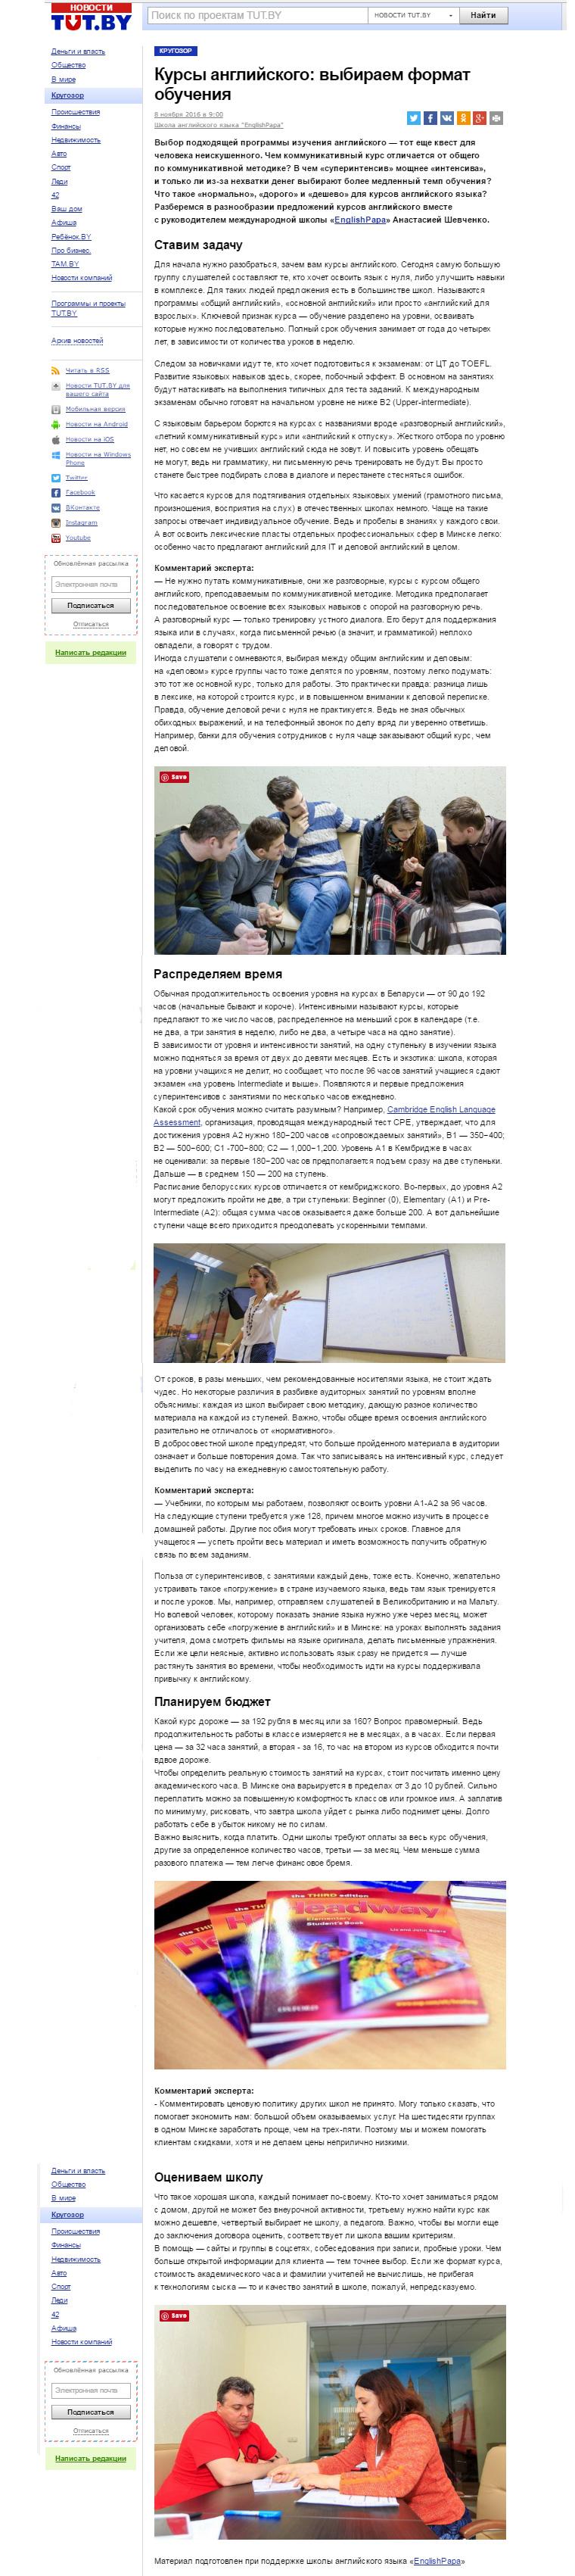 Скриншот публикации нативной рекламы